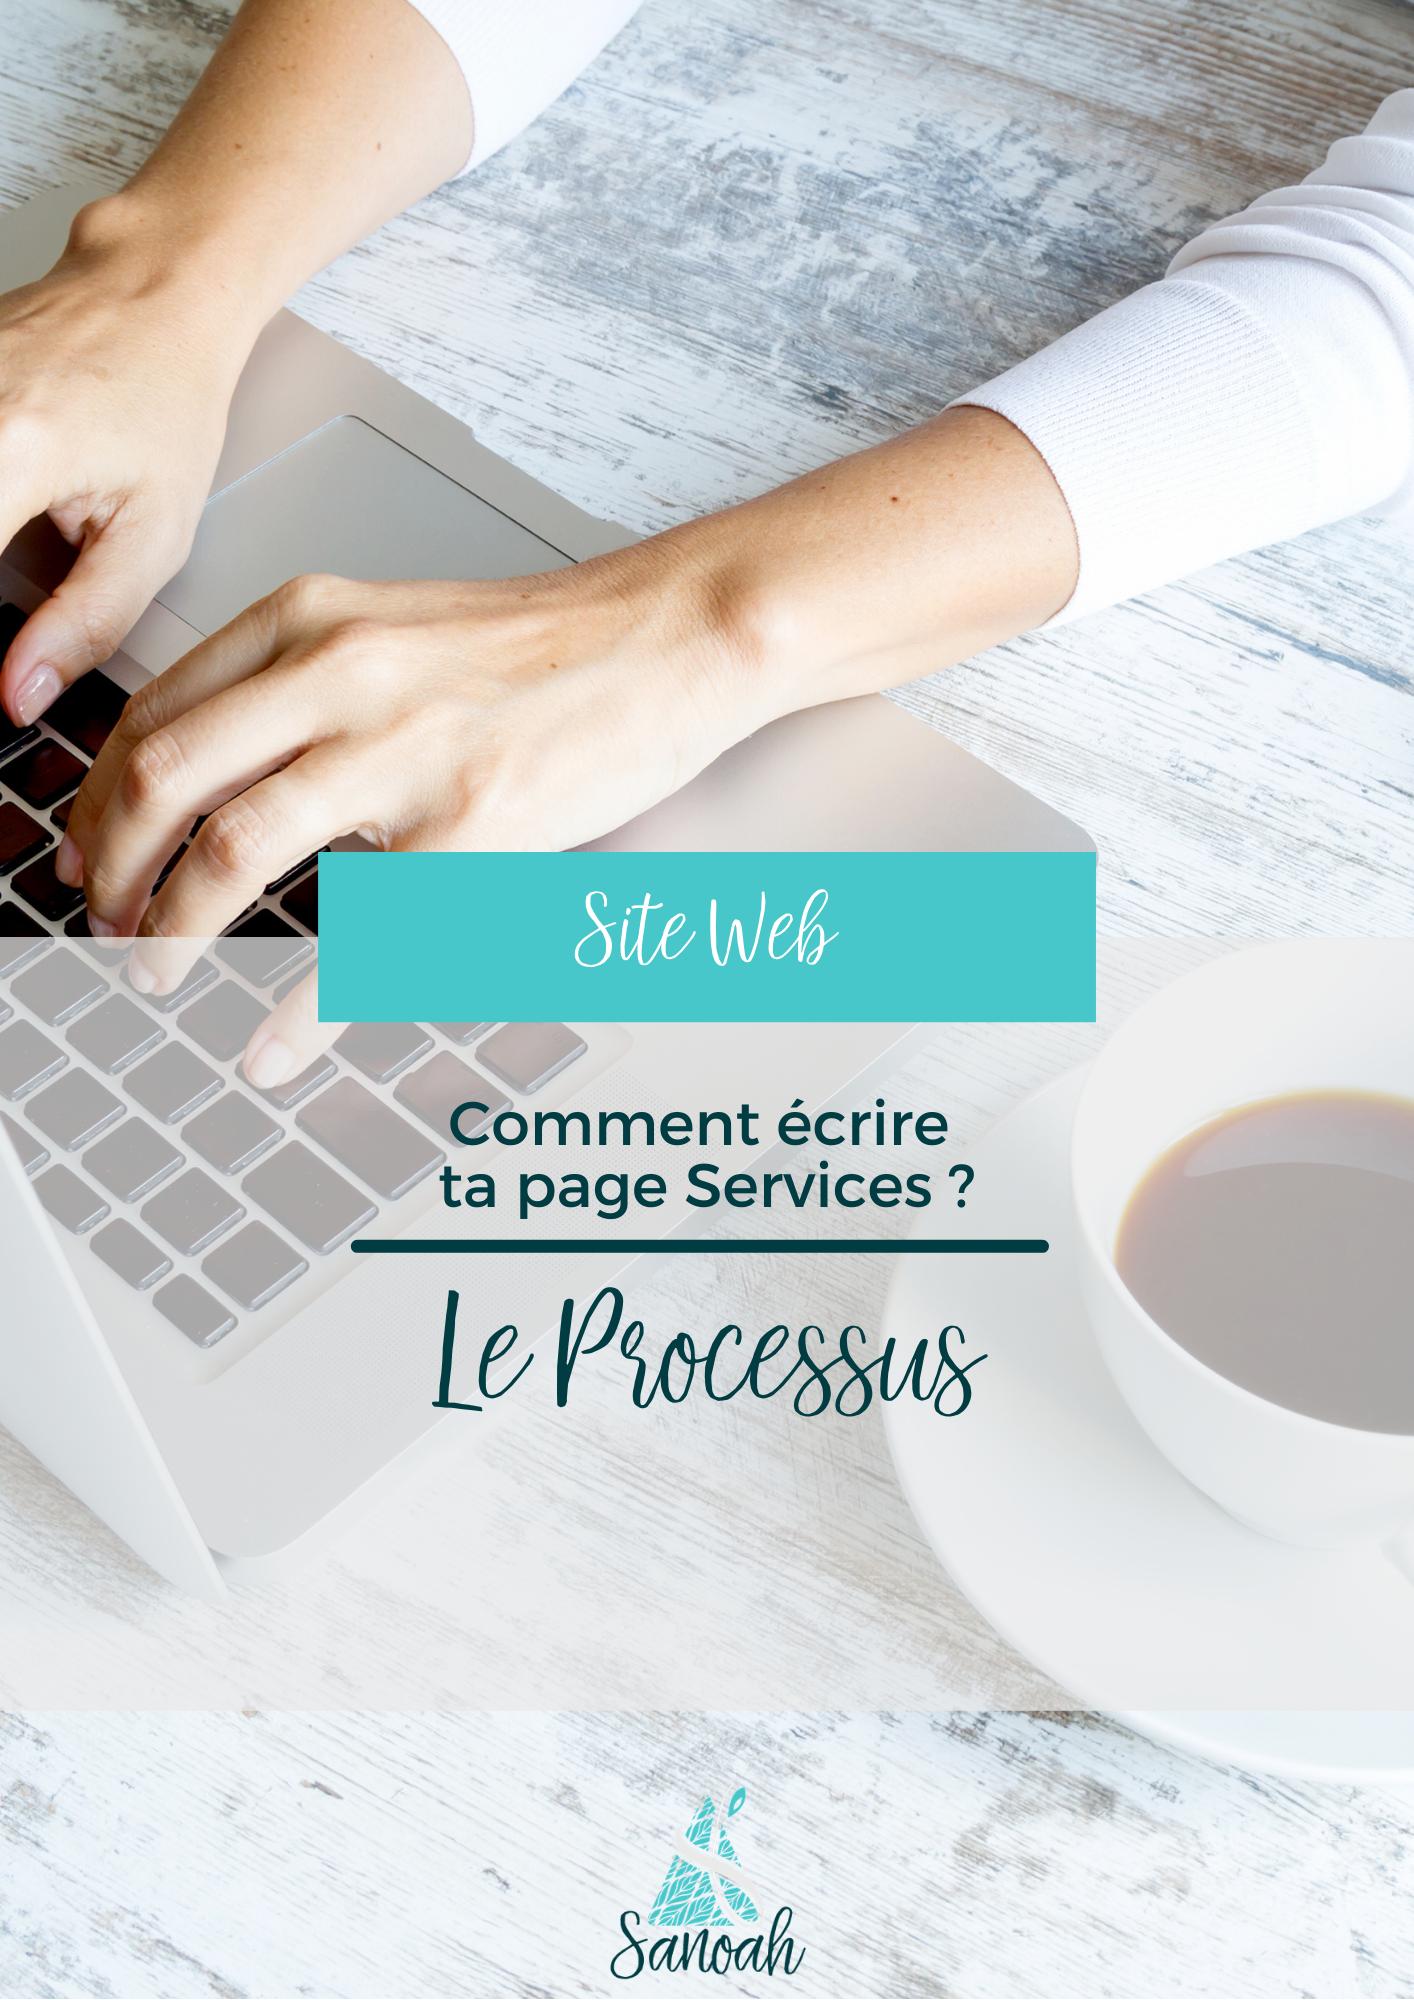 Comment écrire ta page Services_Le processus